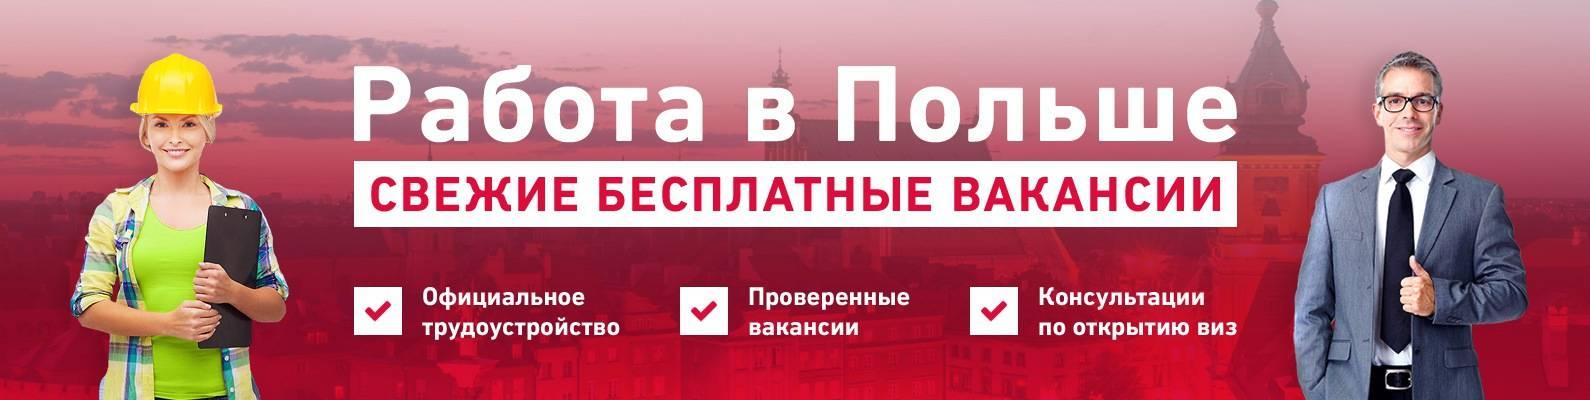 Актуальная работа в Польше для белорусов